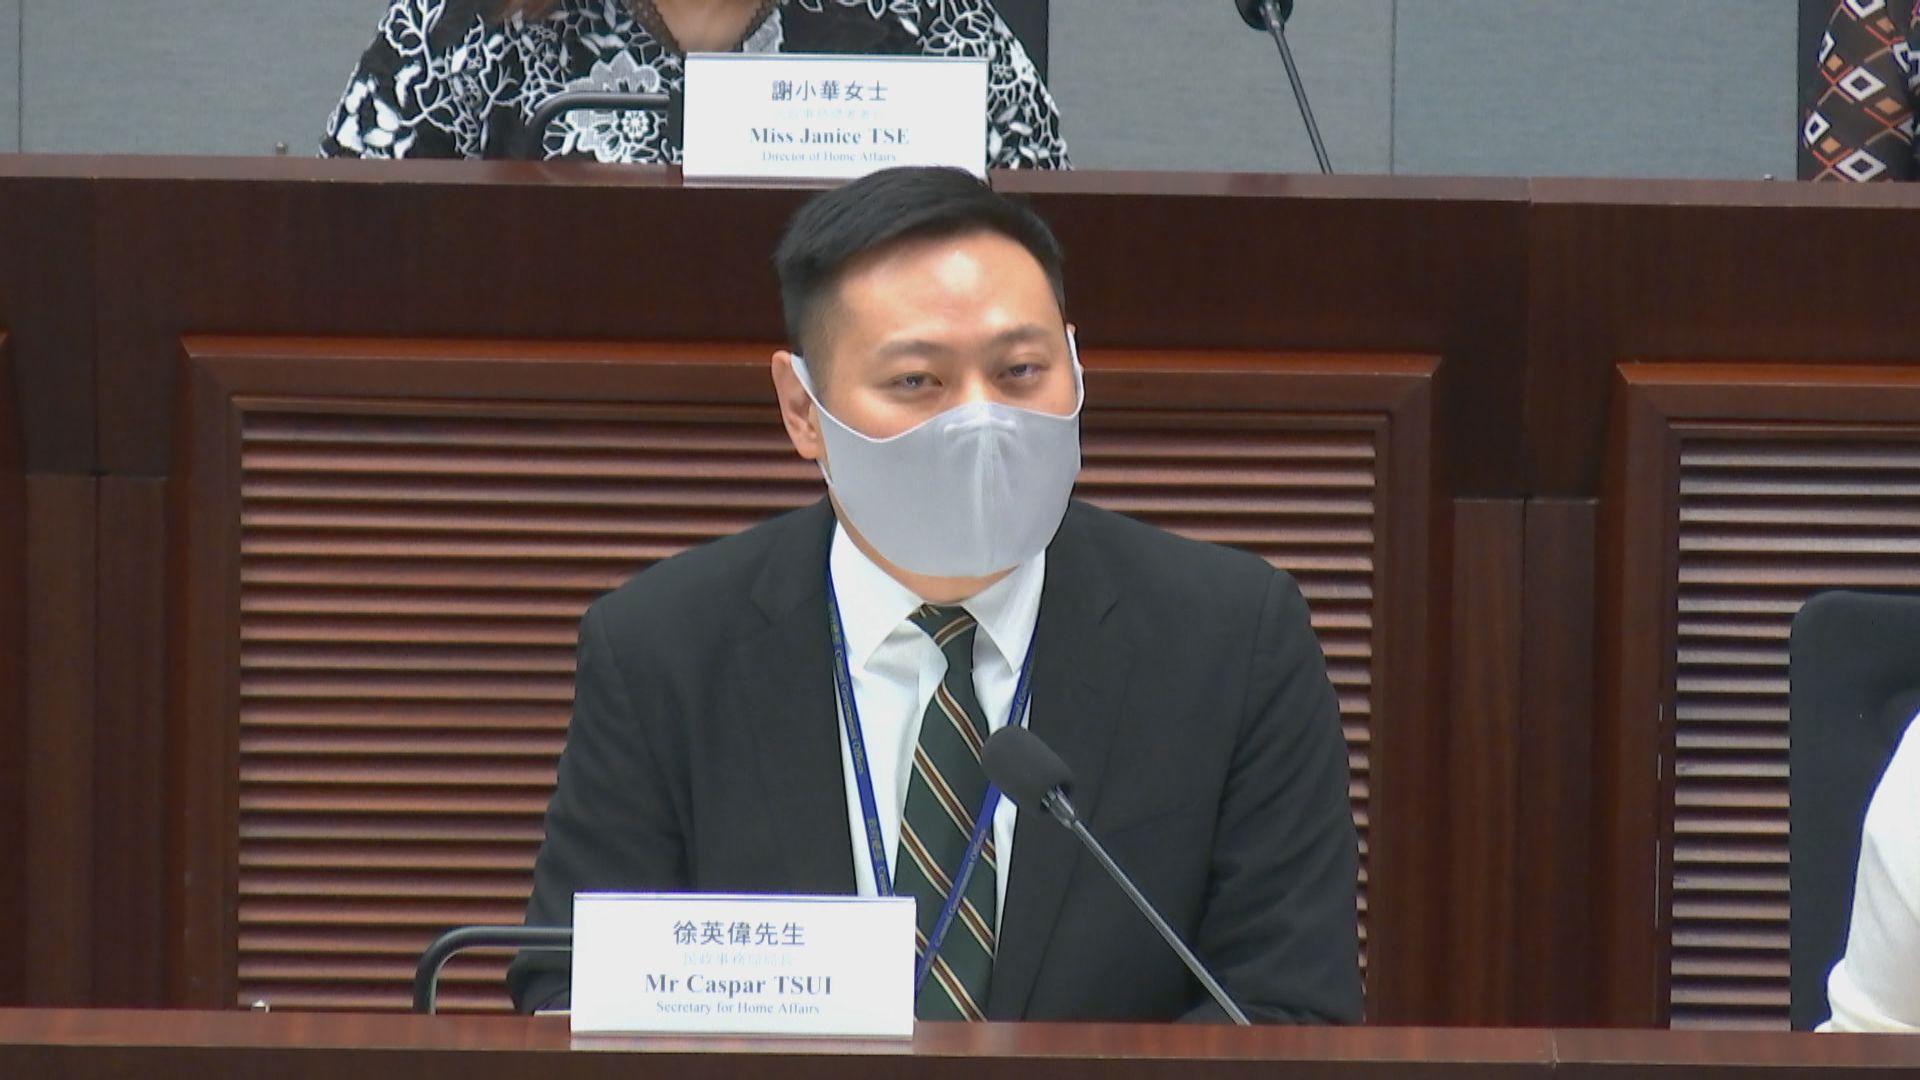 有立會議員關注現時區議會如何運作 徐英偉指會檢視